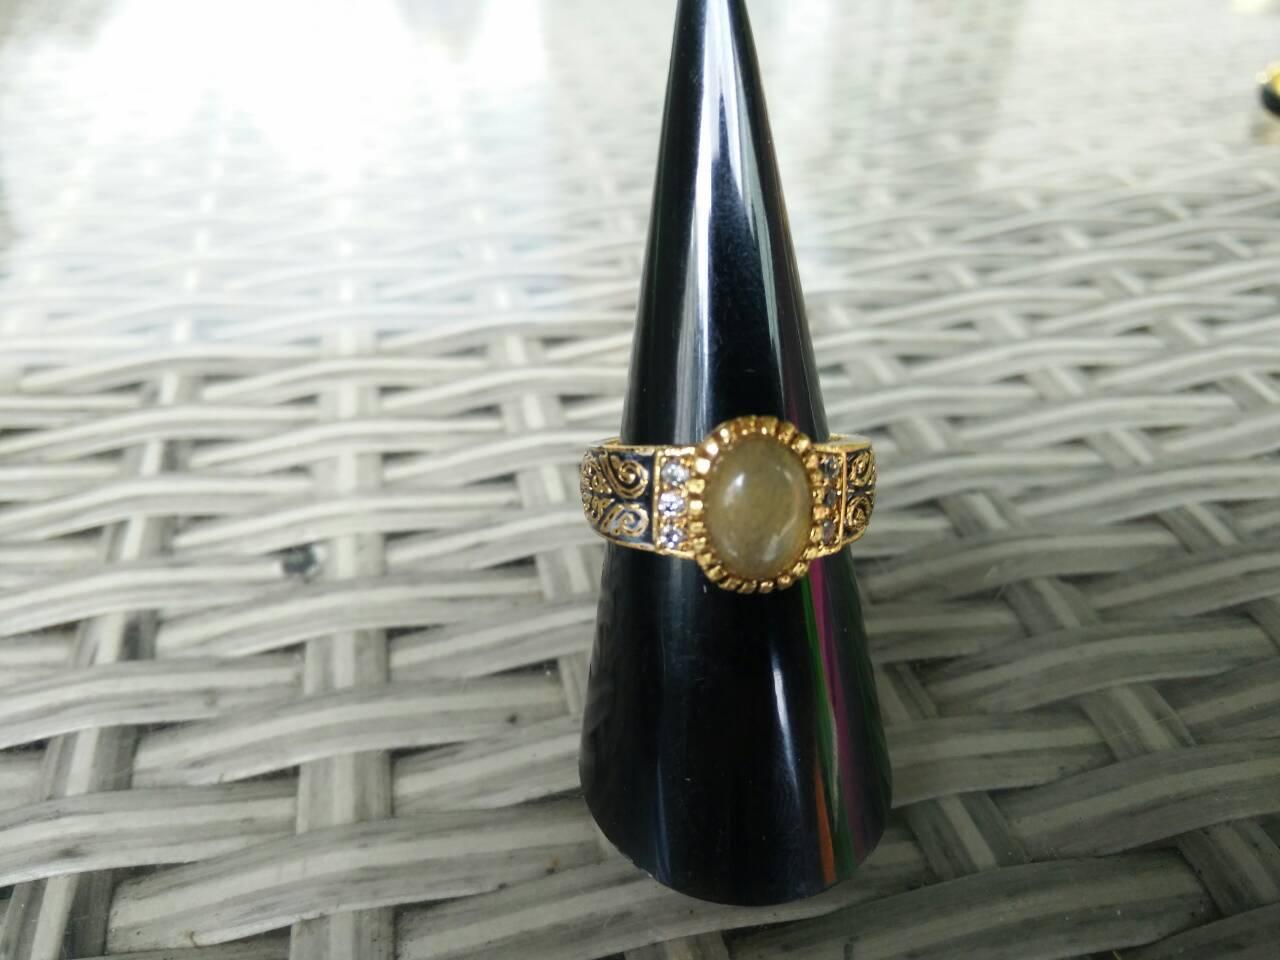 แหวนลายถมสุโขทัย ประดับหินไหมทอง